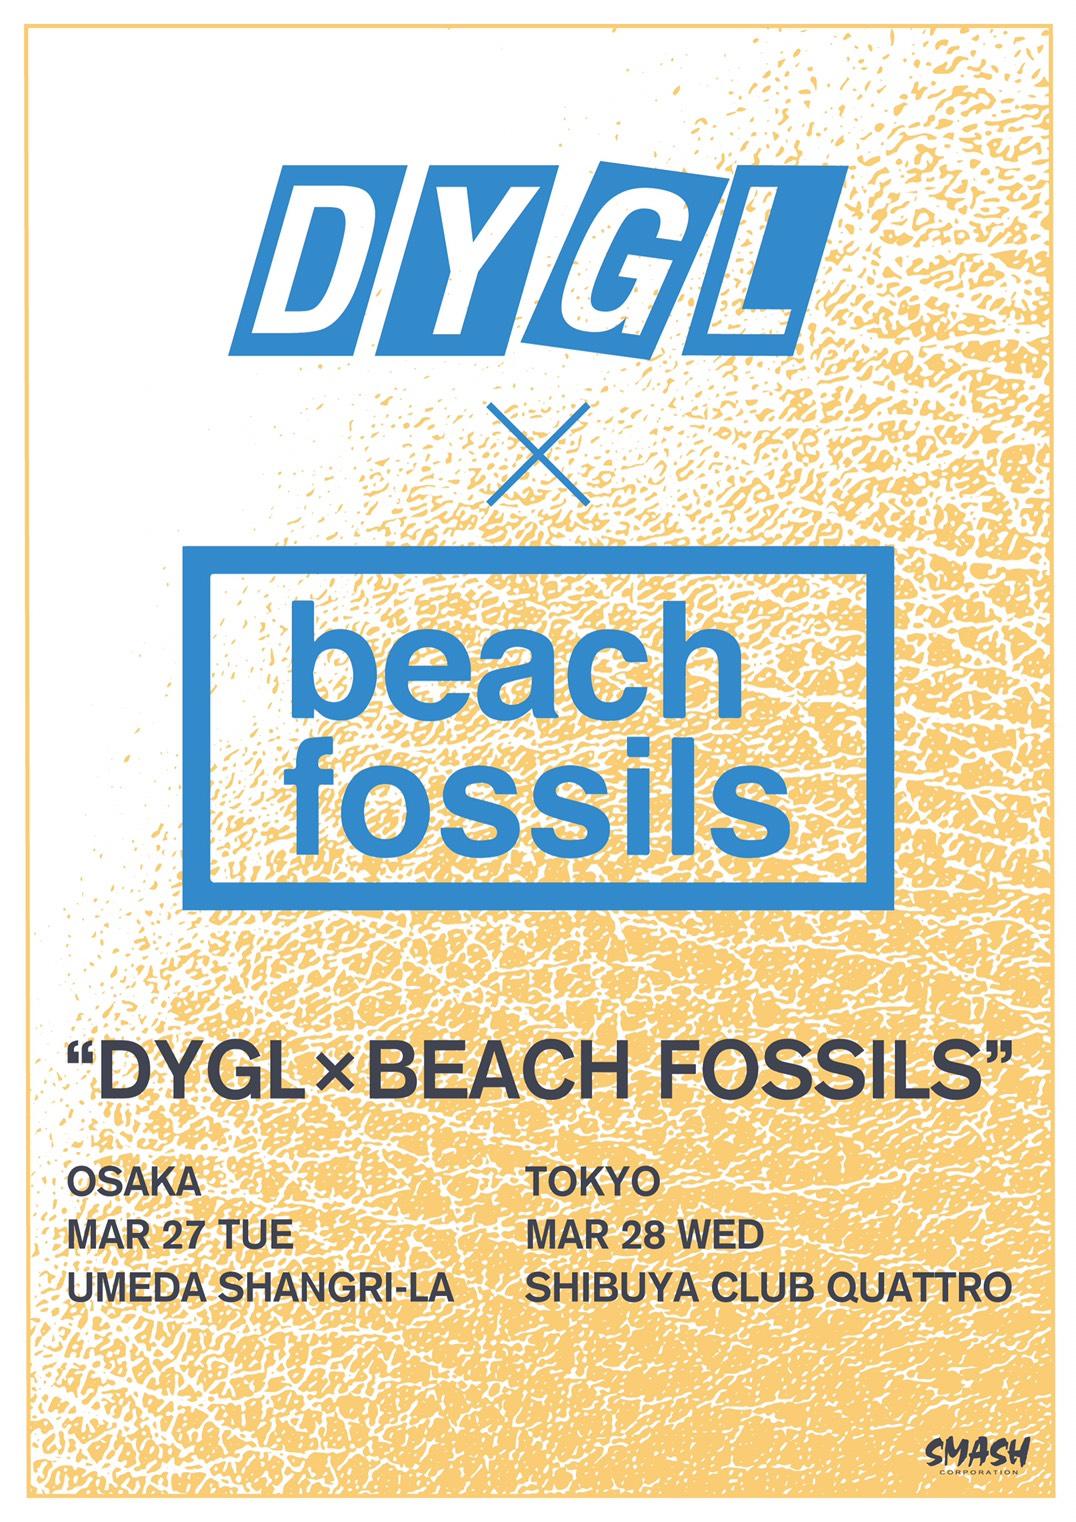 DYGL×BEACH FOSSILS